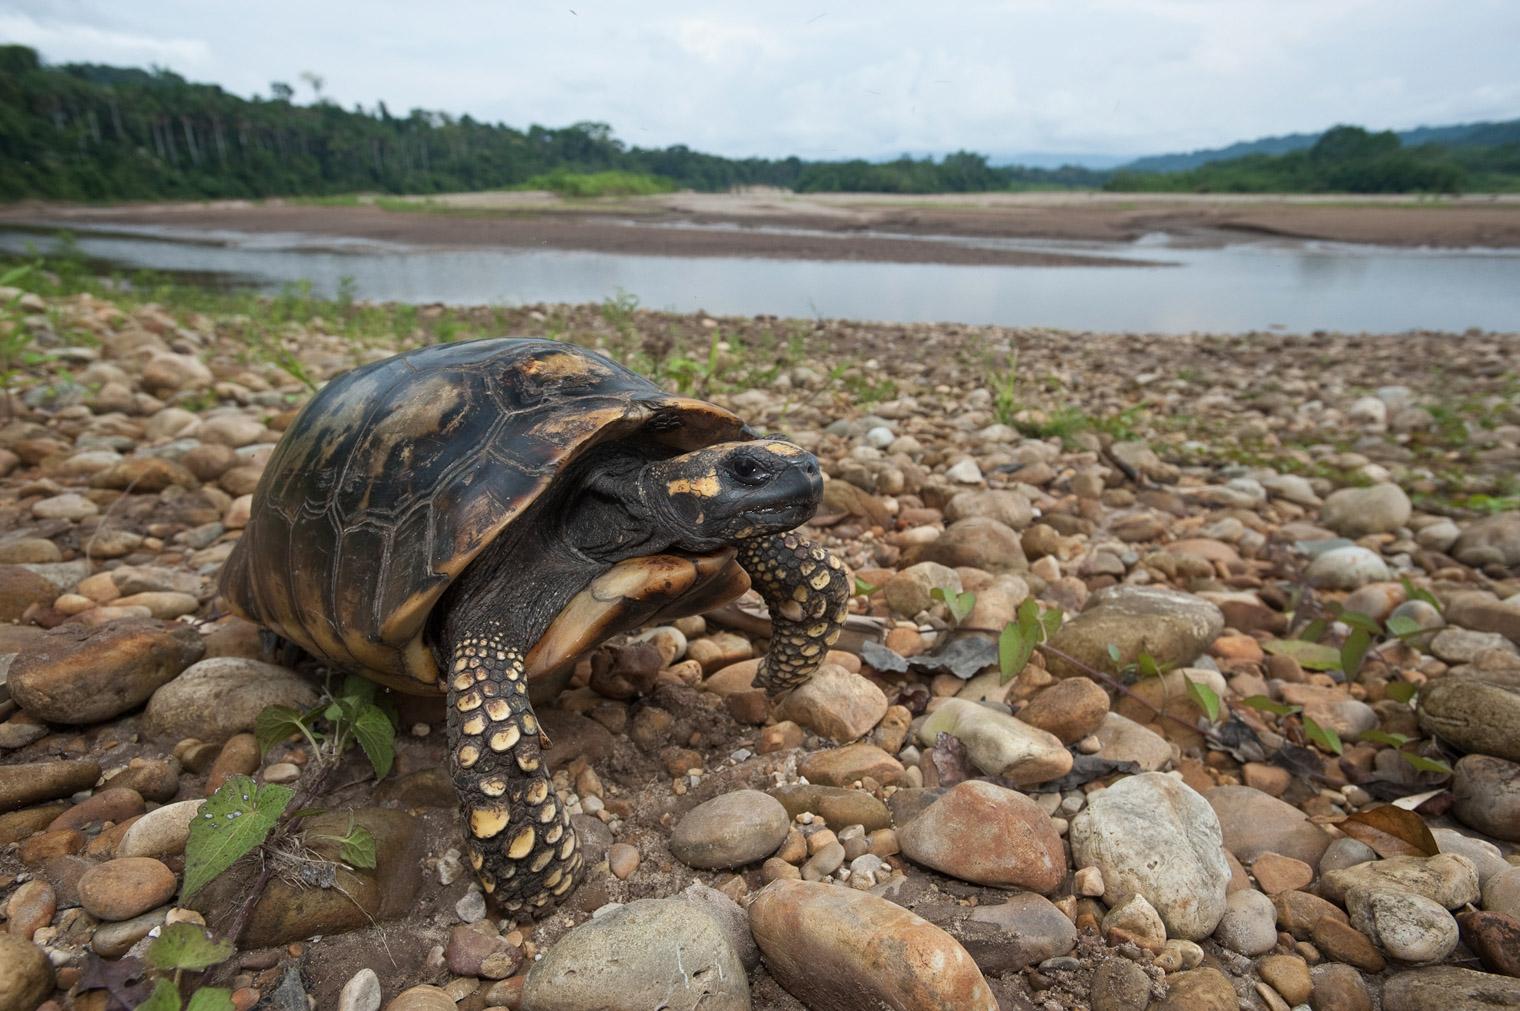 las tortugas motelo se venden a 15 soles en algunos mercados urbanos de la Amazonía peruana. Foto: André Baertschi.